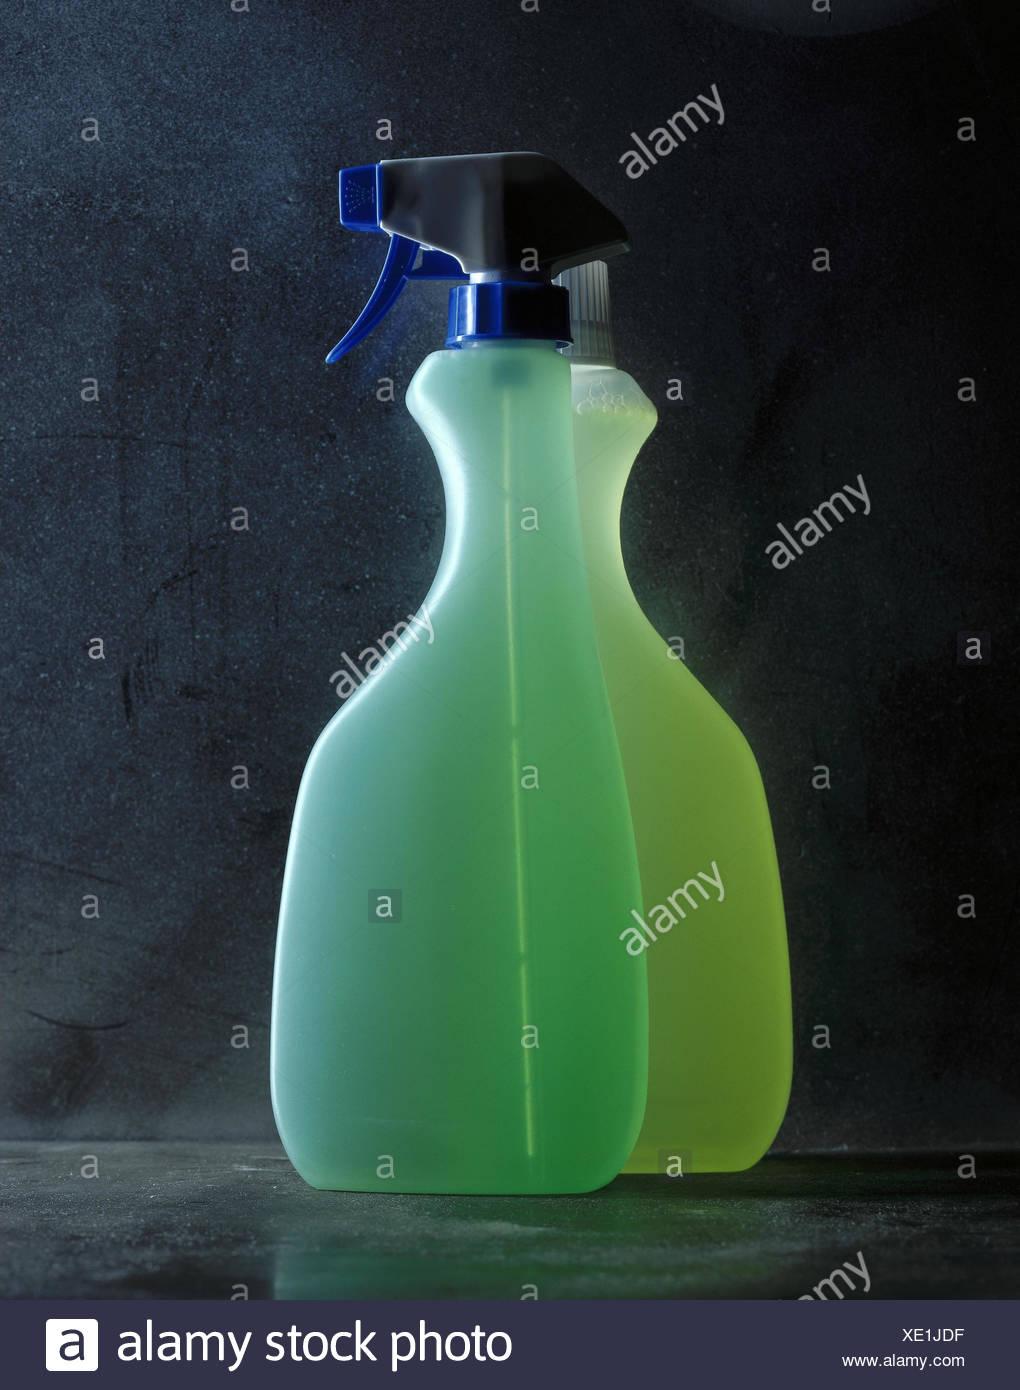 Reinigung Von Materialien Plastikflaschen Spray Artikel Haushalt